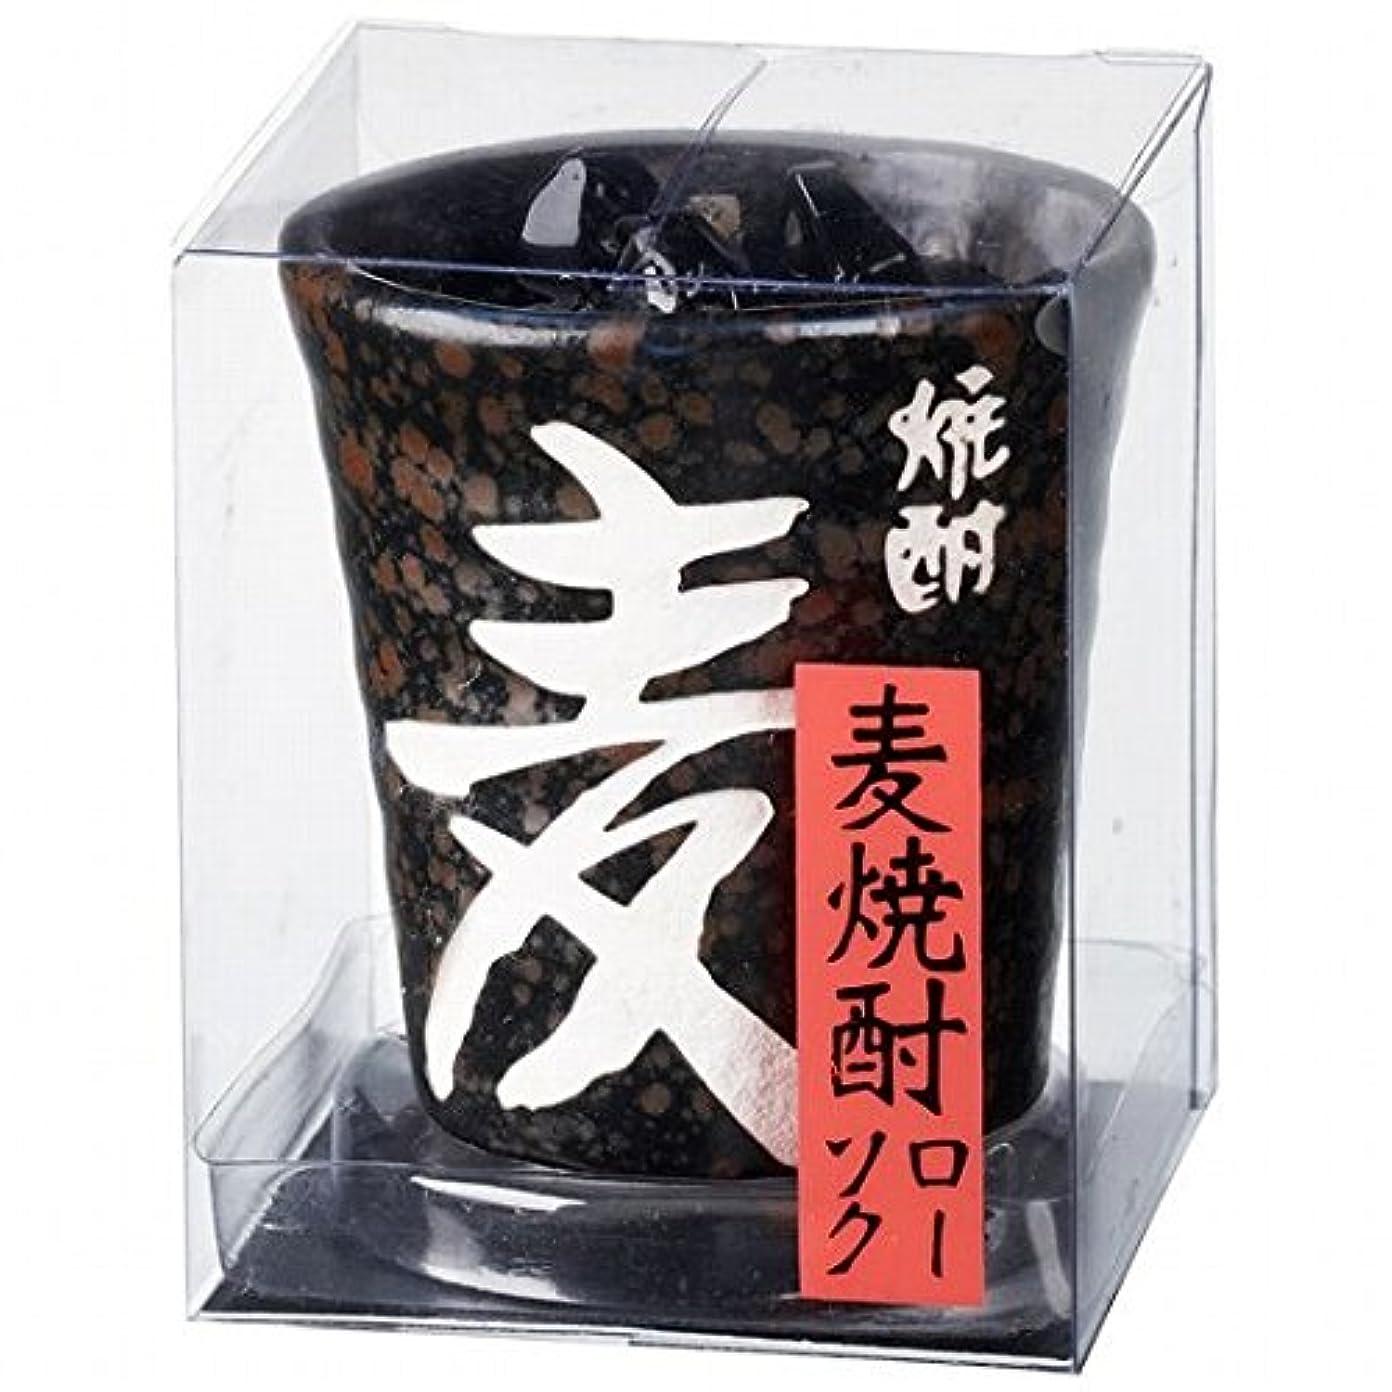 リマーク未来サスペンションカメヤマキャンドル(kameyama candle) 麦焼酎ローソク キャンドル